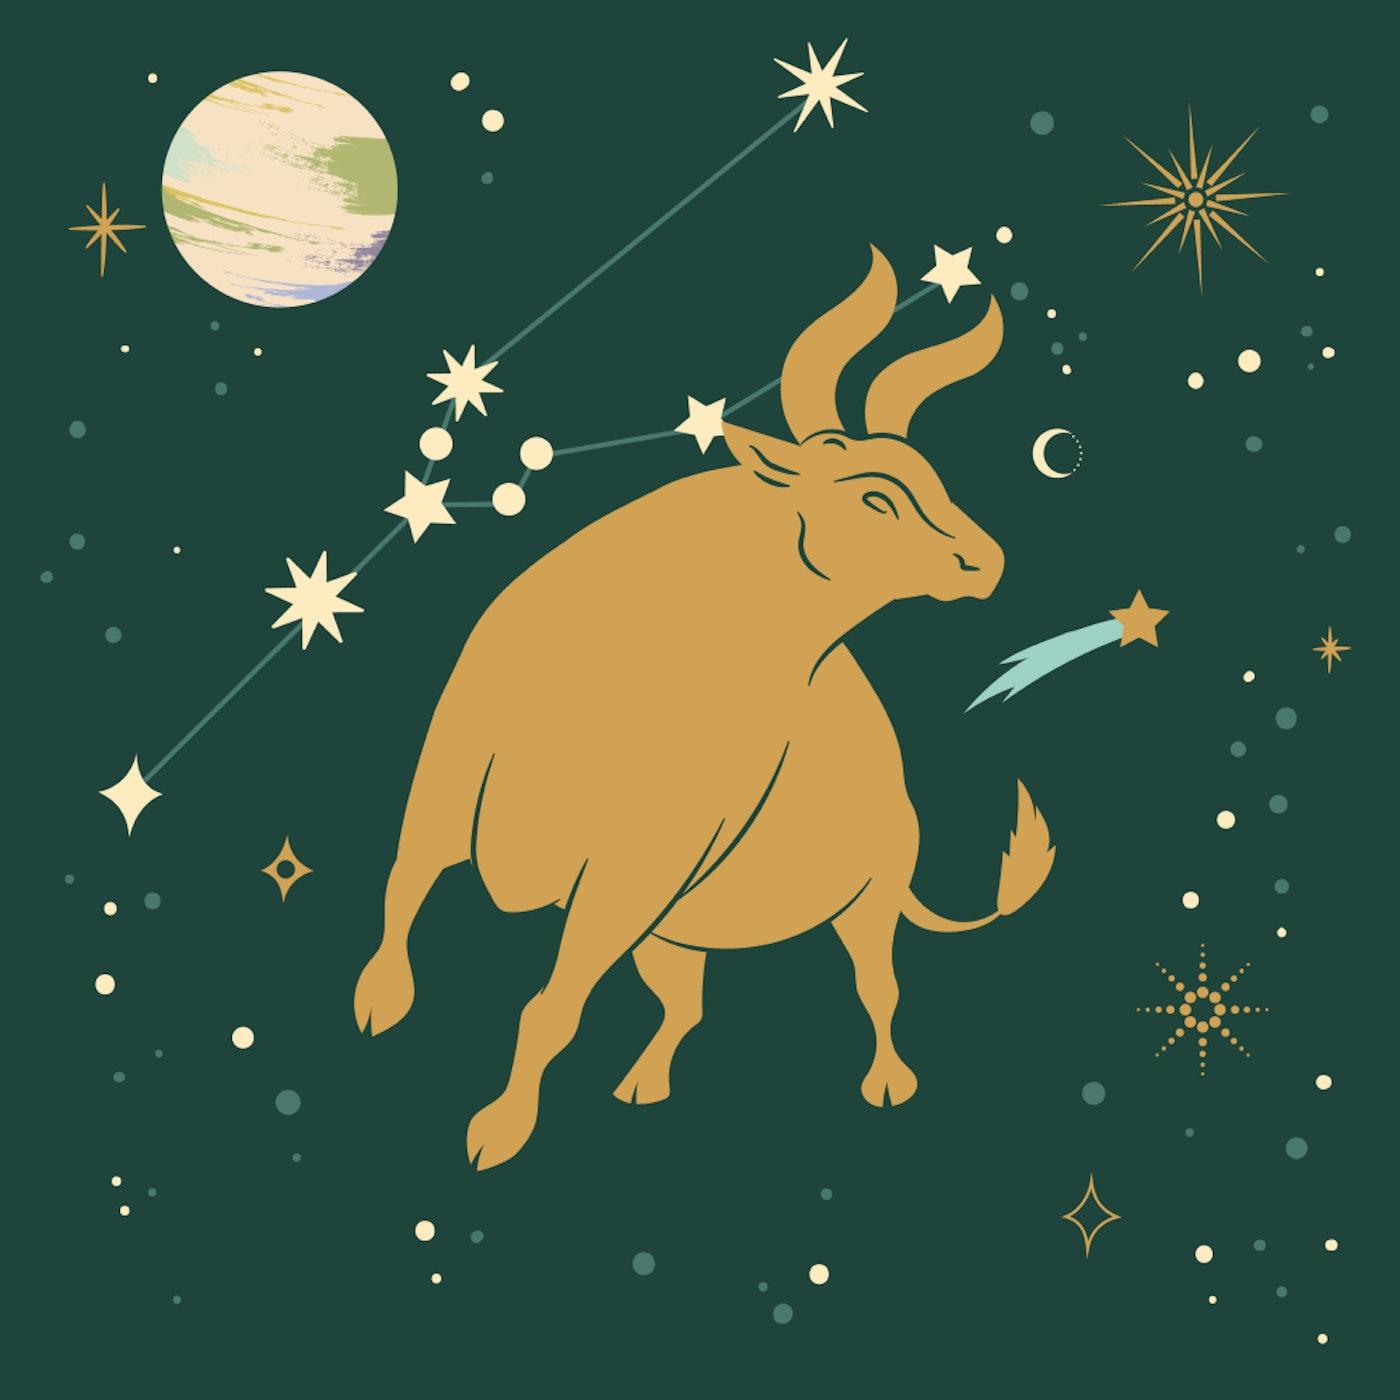 ramalan karier zodiak agustus 2020 - taurus